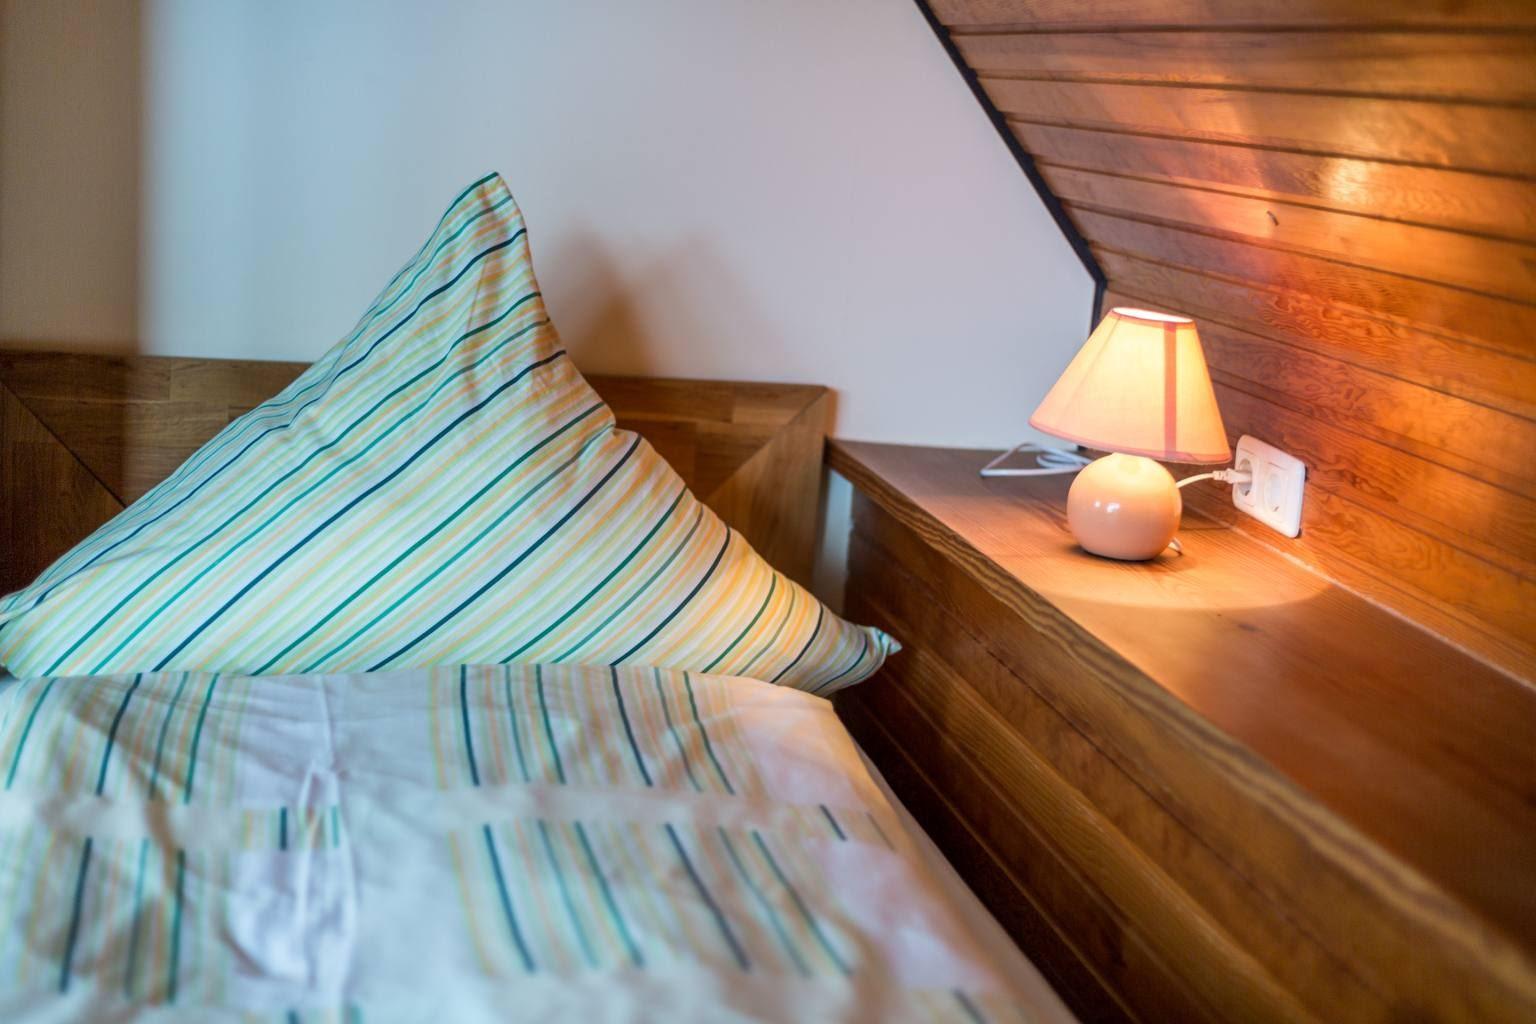 Schlafbereich mit alkovenartigen Betten